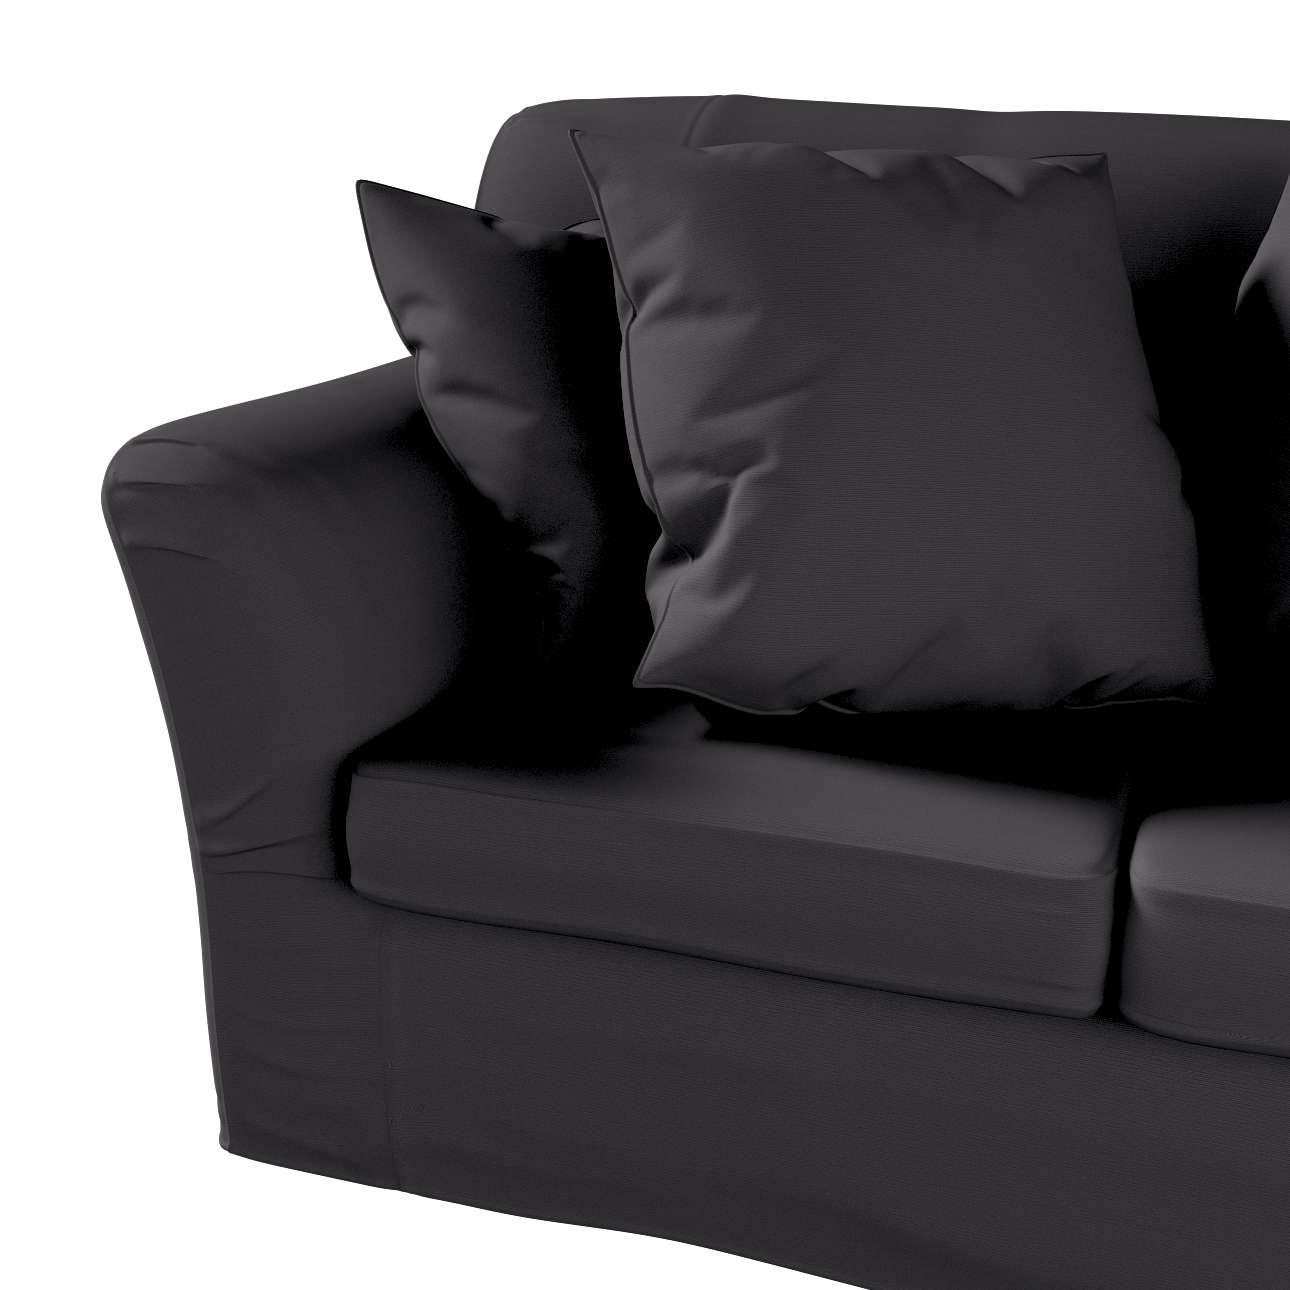 Pokrowiec na sofę Tomelilla 2-osobową nierozkładaną w kolekcji Cotton Panama, tkanina: 702-08